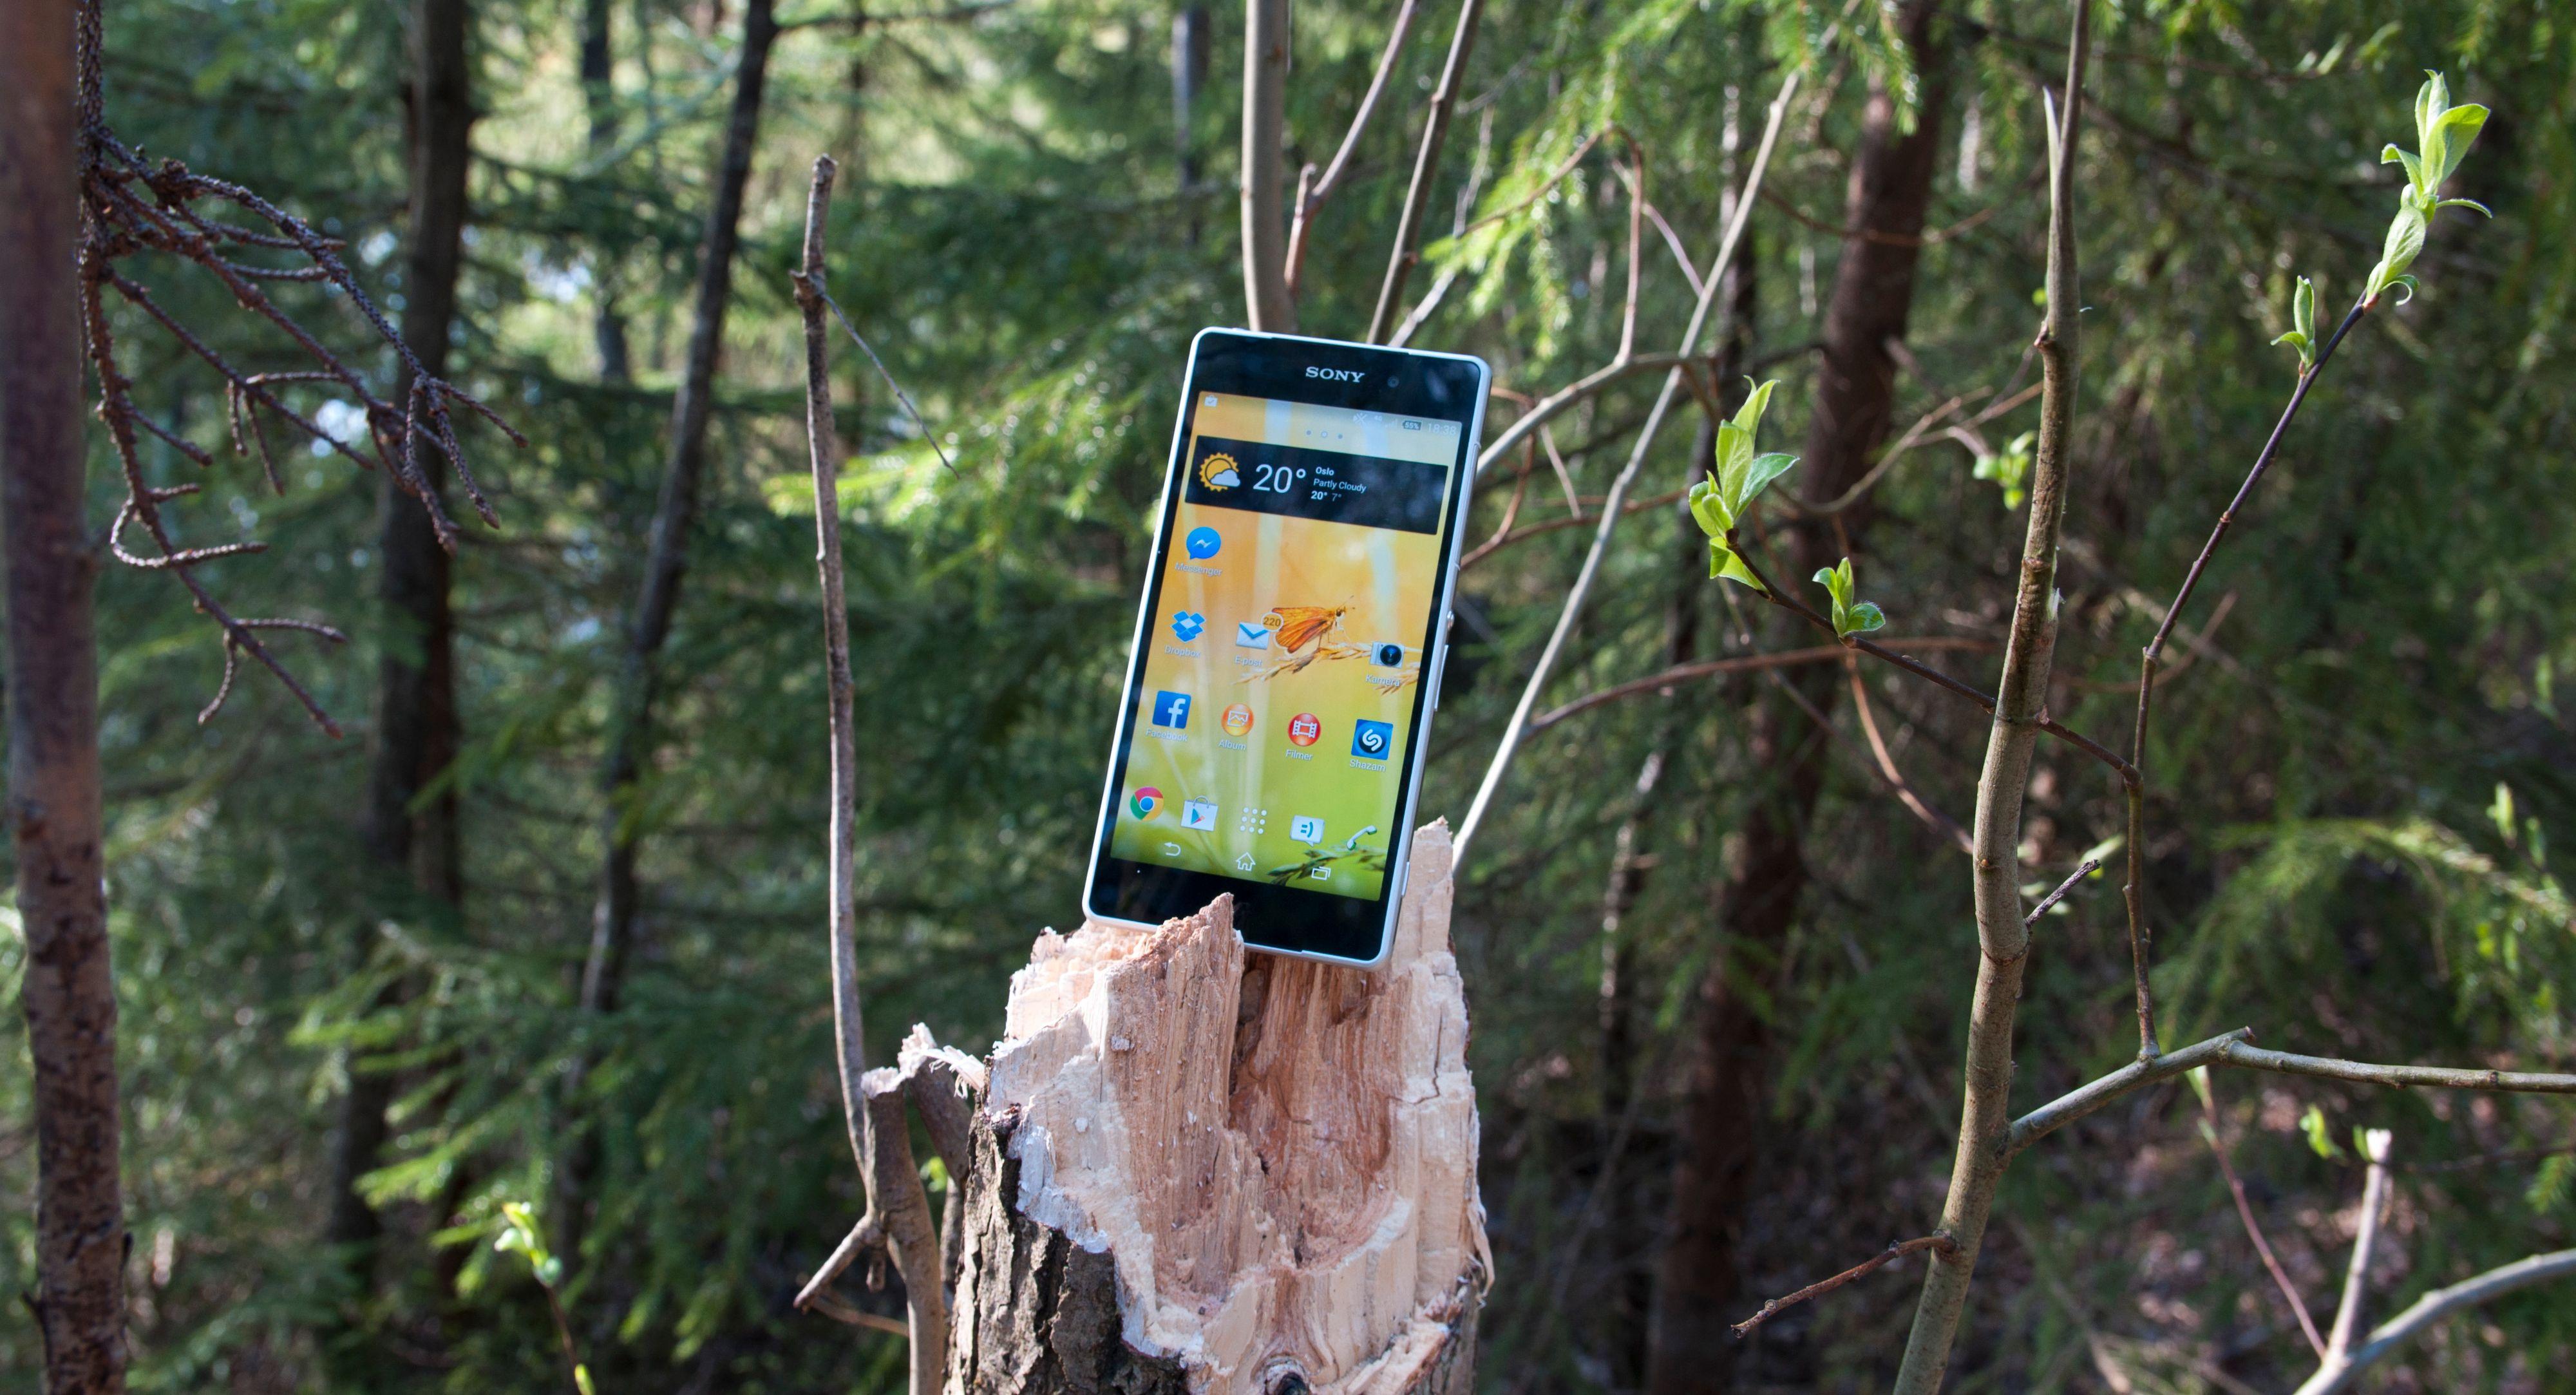 Det gjør den svært godt egnet til turer i skog og mark.Foto: Finn Jarle Kvalheim, Amobil.no